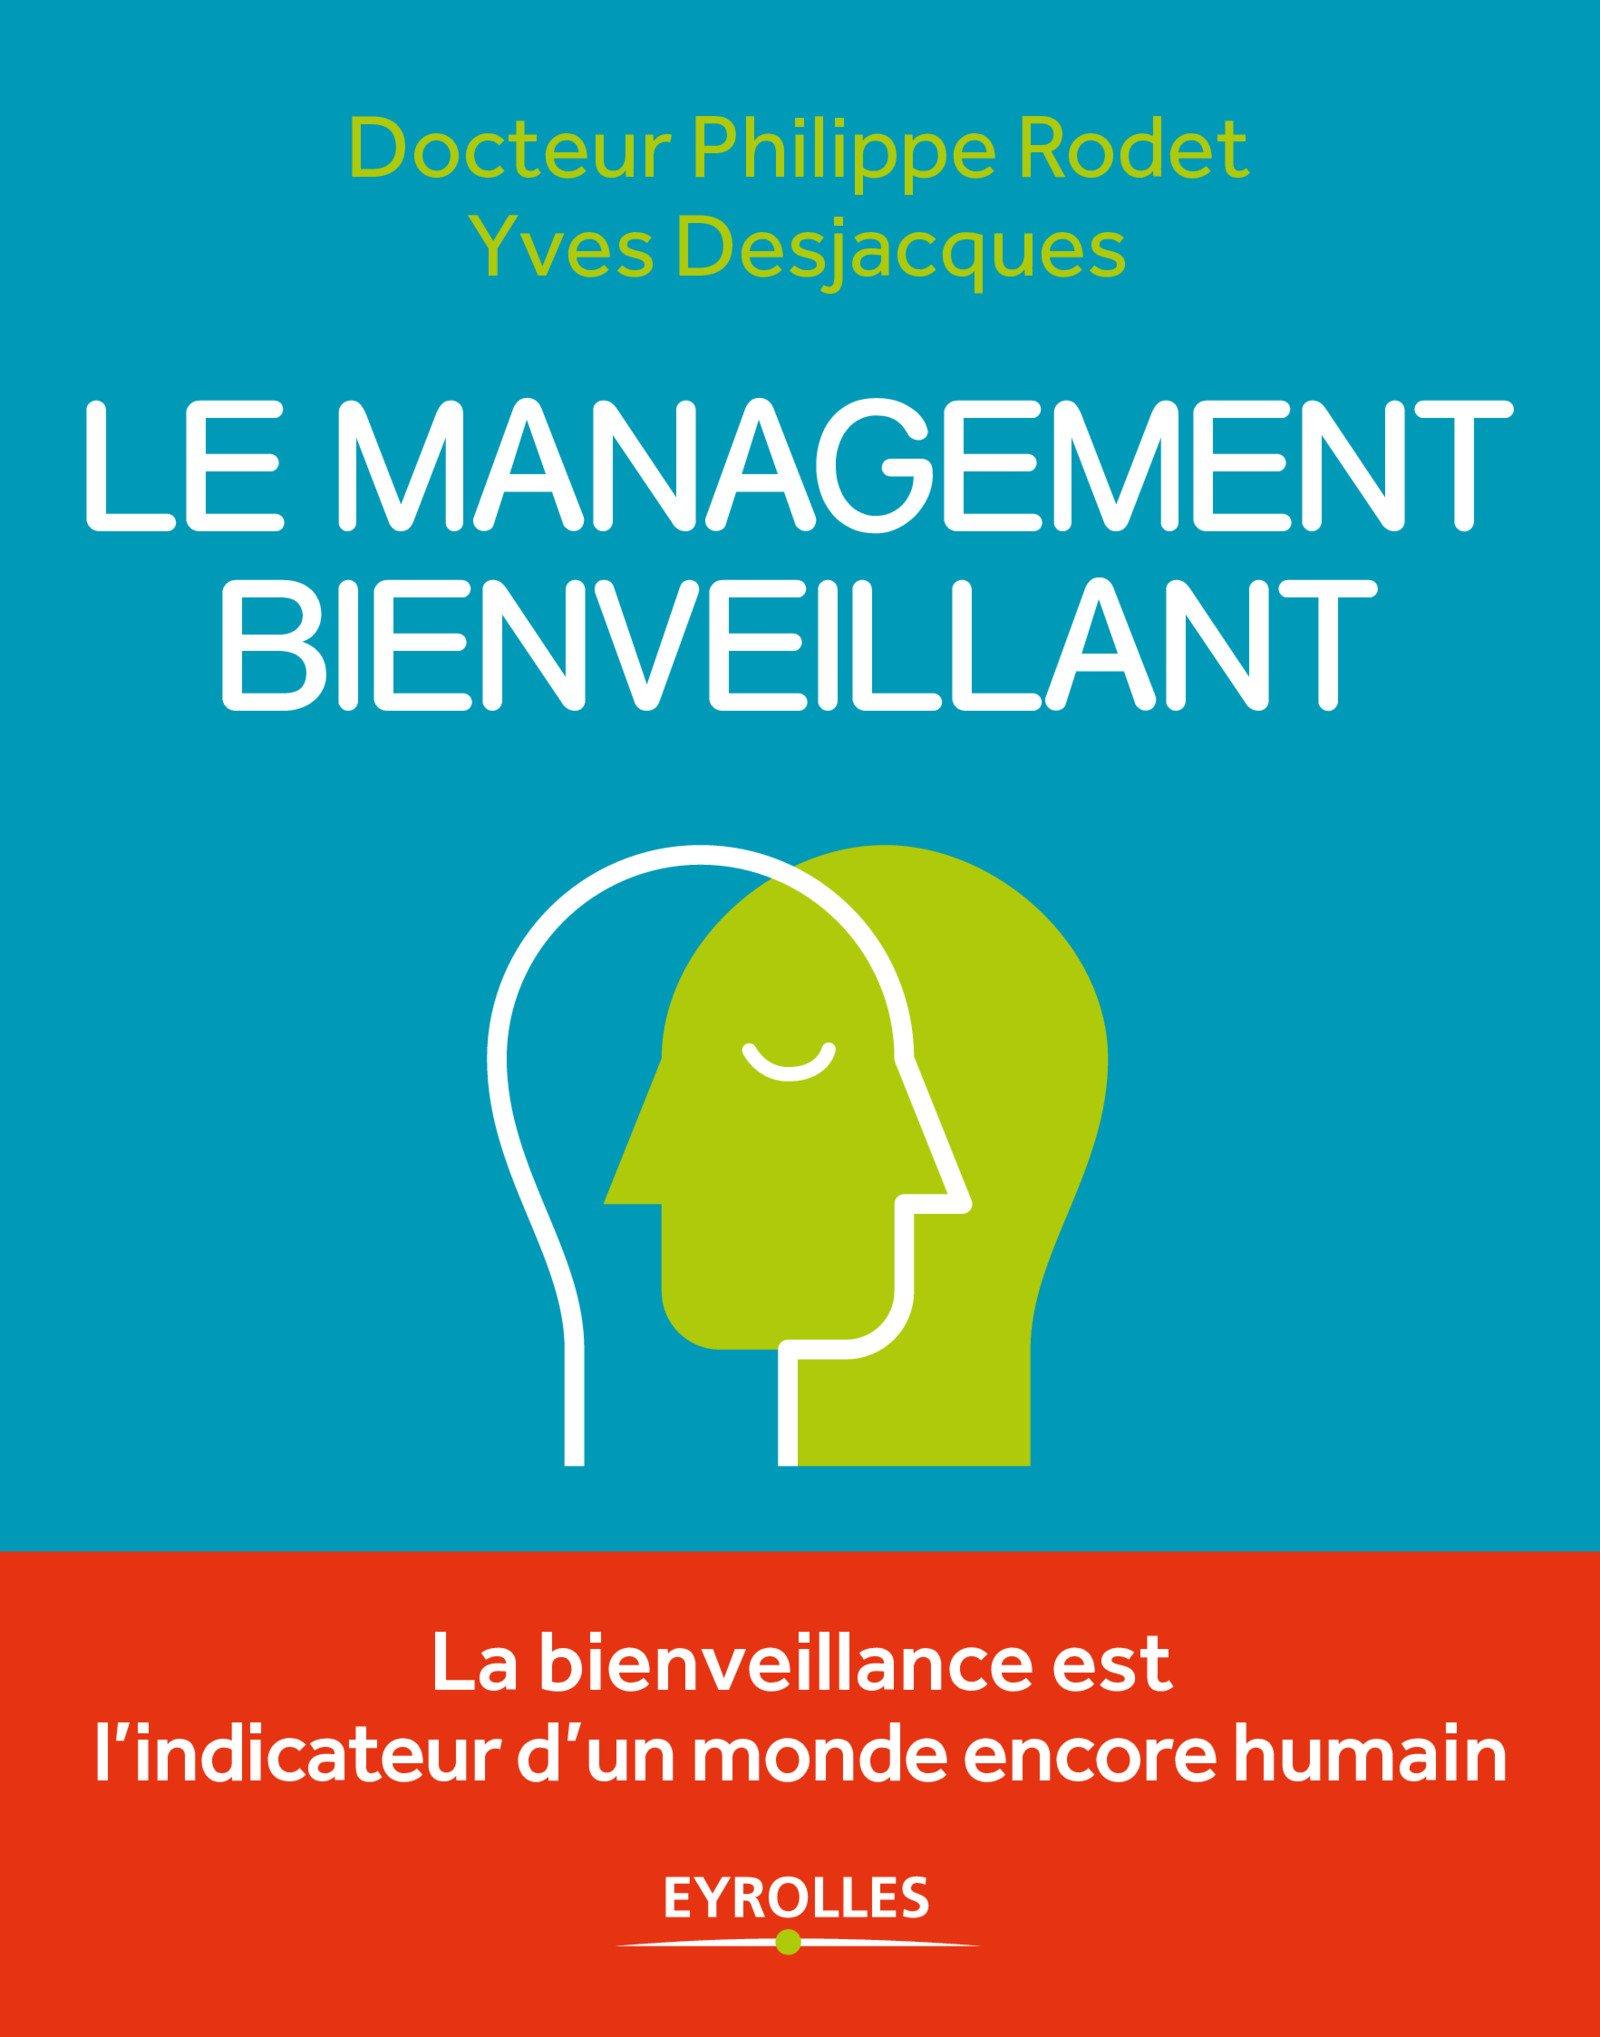 Le management bienveillant (2017) : La bienveillance est l'indicateur d'un monde encore humain